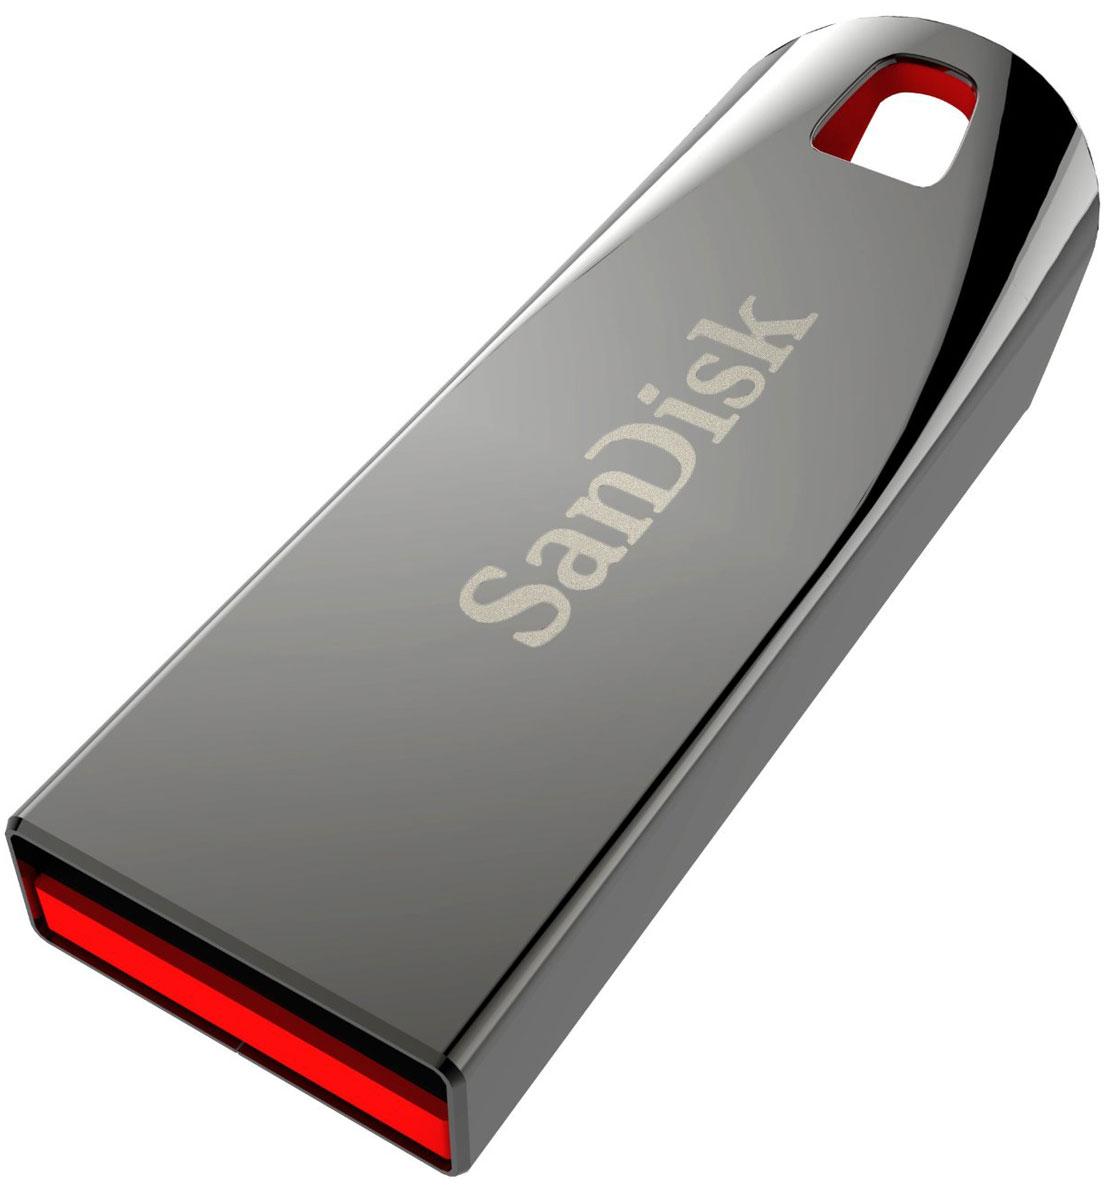 SanDisk Cruzer Force 32GB, Metallic USB-накопительSDCZ71-032G-B35USB-накопитель SanDisk Cruzer Force - это стильное и запоминающееся устройство, достаточно вместительное для хранения больших объемов данных. Данный USB-накопитель выполнен в прочном металлическом корпусе, который придает ему особый шик. Благодаря большой емкости на этом надежном накопителе будет достаточно места даже для самых больших файлов, включая изображения высокого разрешения и видео. В комплекте с устройством поставляется программное обеспечение SanDisk SecureAccess, с помощью которого можно создать зашифрованную папку, защищенную паролем. Вы сможете передавать те файлы, которые захотите, исключая при этом возможность доступа к другим файлам.Надежный металлический корпусДостаточно места для хранения видео в формате HD, музыки и фотографийПортативный флеш-накопитель, который без труда поместится в любую сумку или карманПропускная способность интерфейса: 480 Мбит/секСовместимость: Windows 8, Windows 7, Windows Vista, Windows XP x64, Windows XP, Windows 2000, Linux, MAC OS X